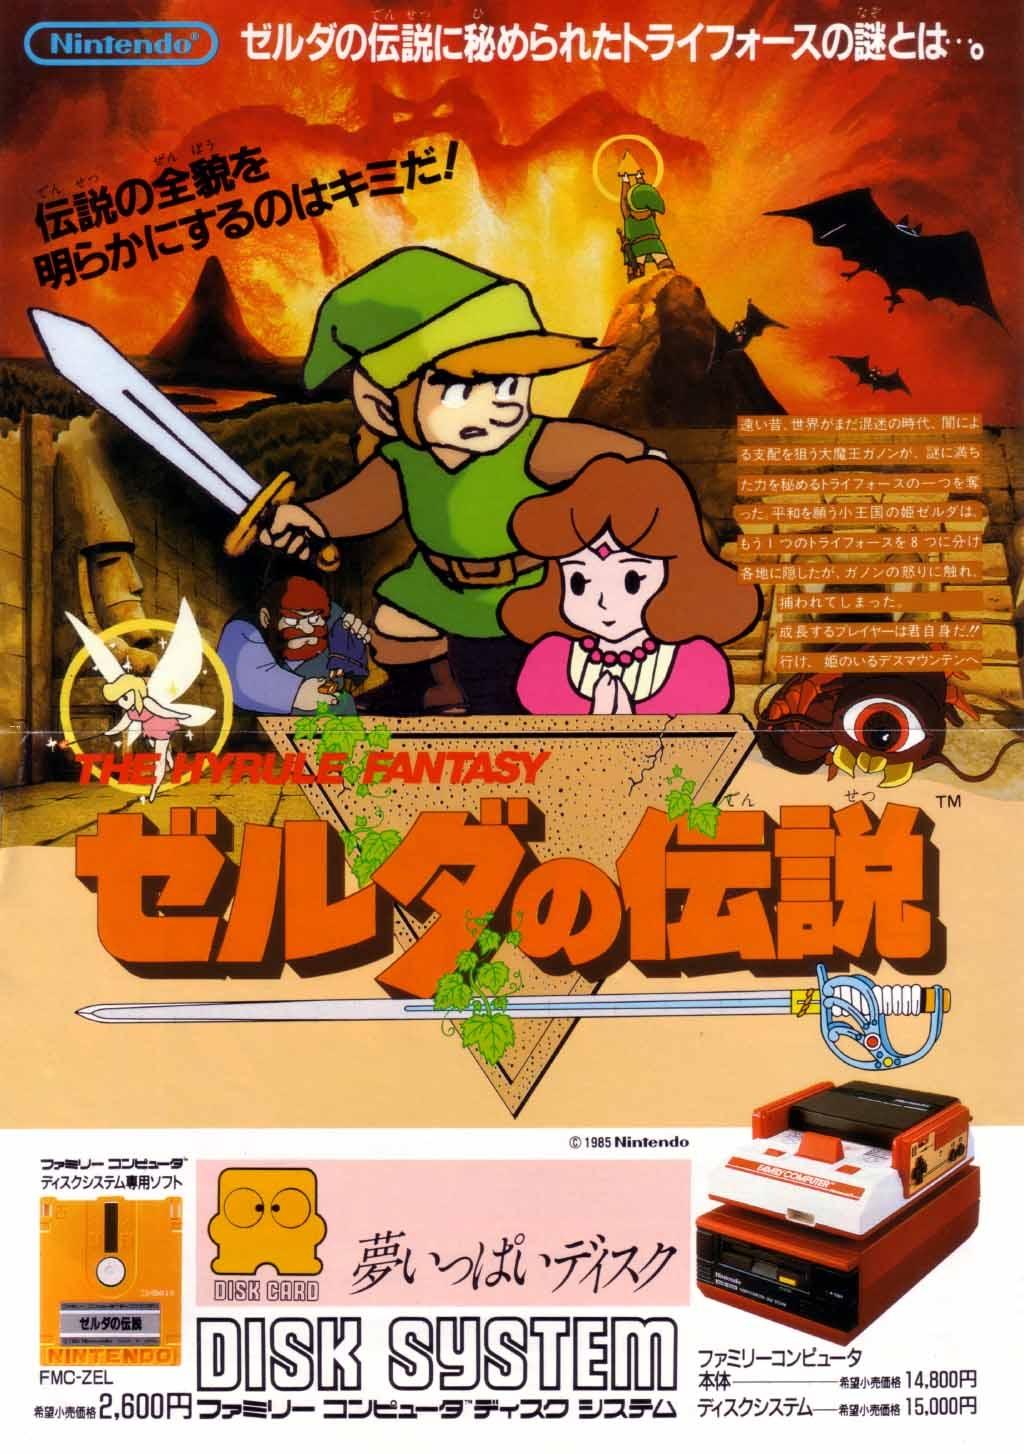 FDS_Flyer_Zelda.jpg